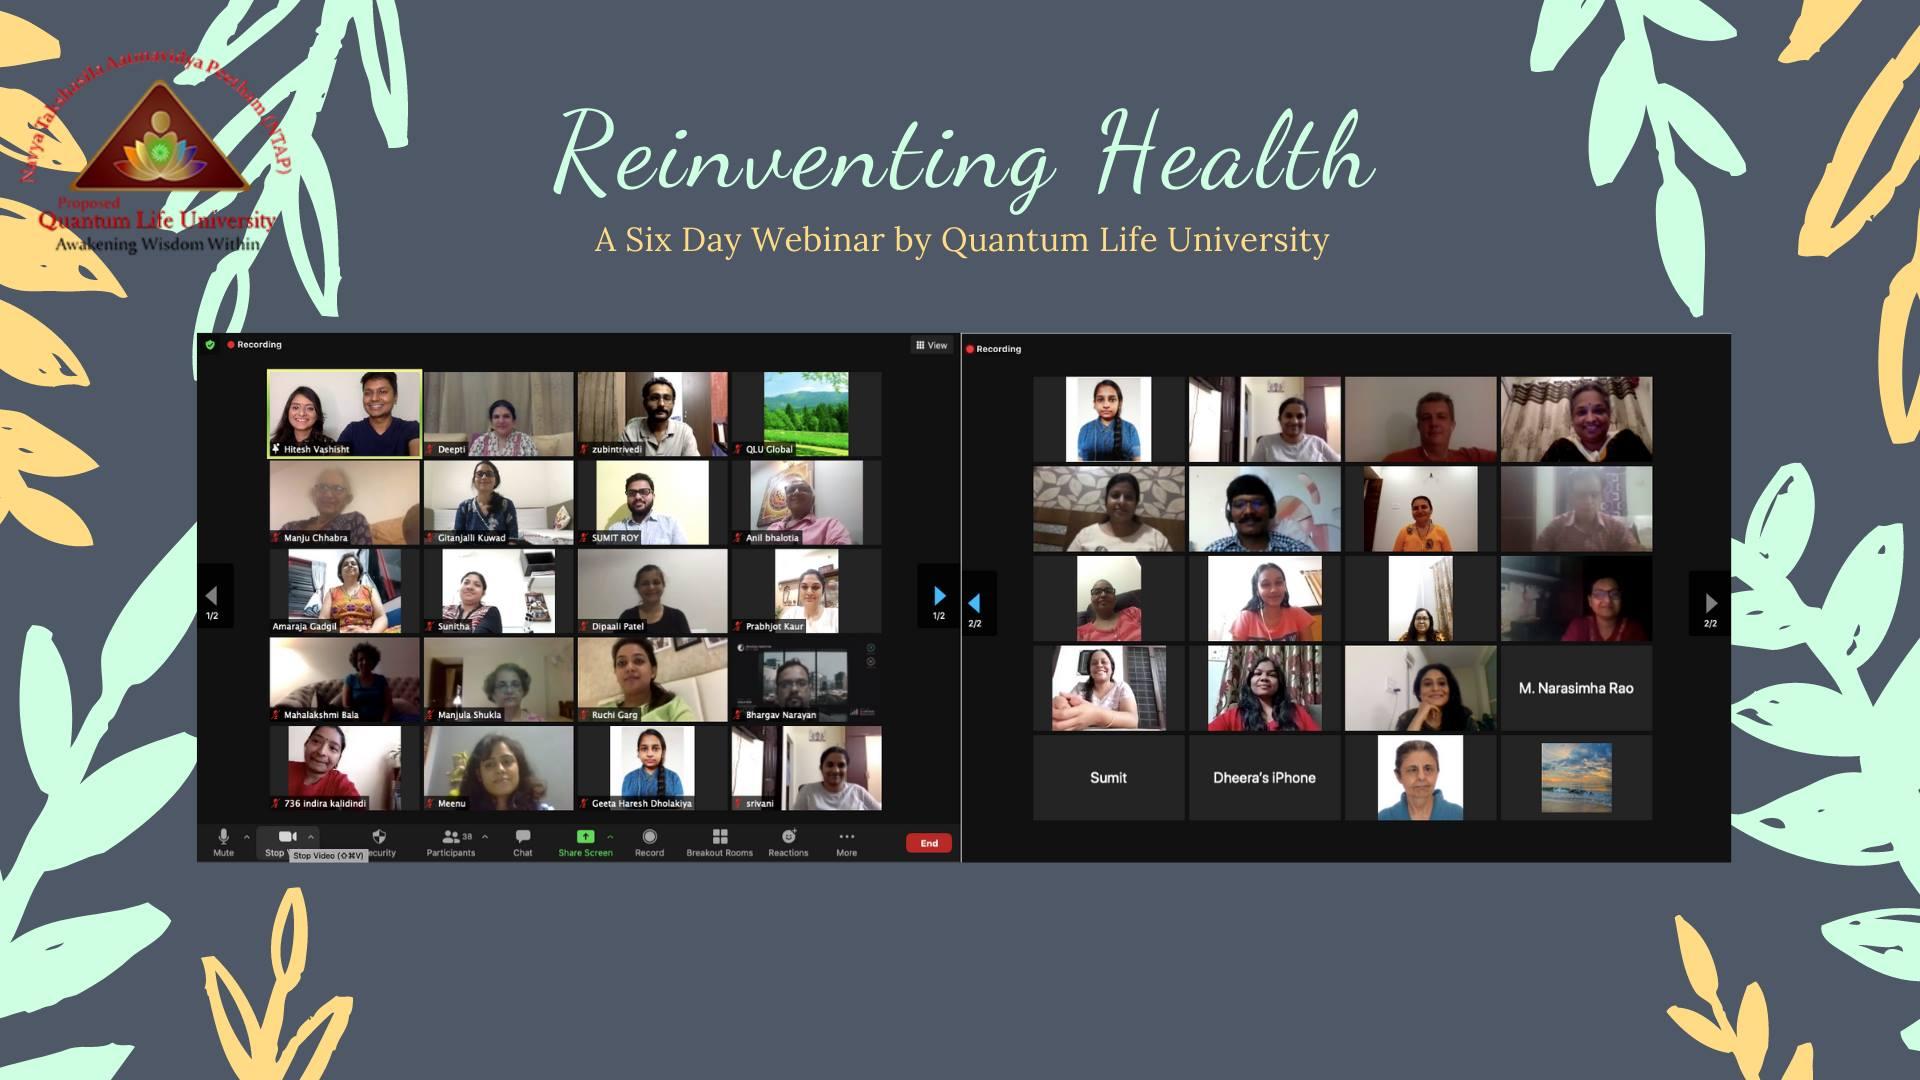 Reinventing Health Webinar (2020)